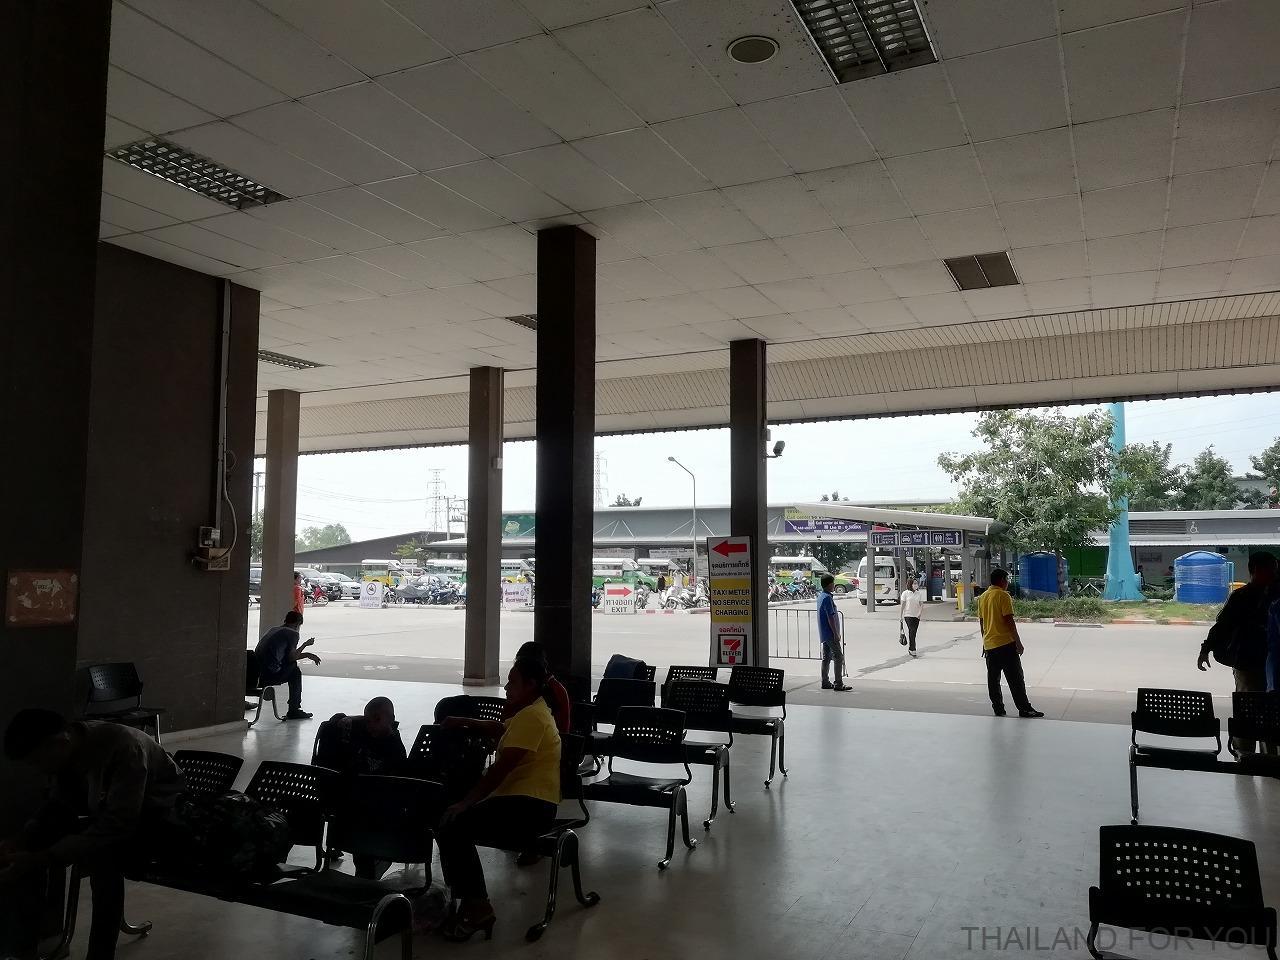 コンケン バスターミナル3 khon kaen bus terminal 3